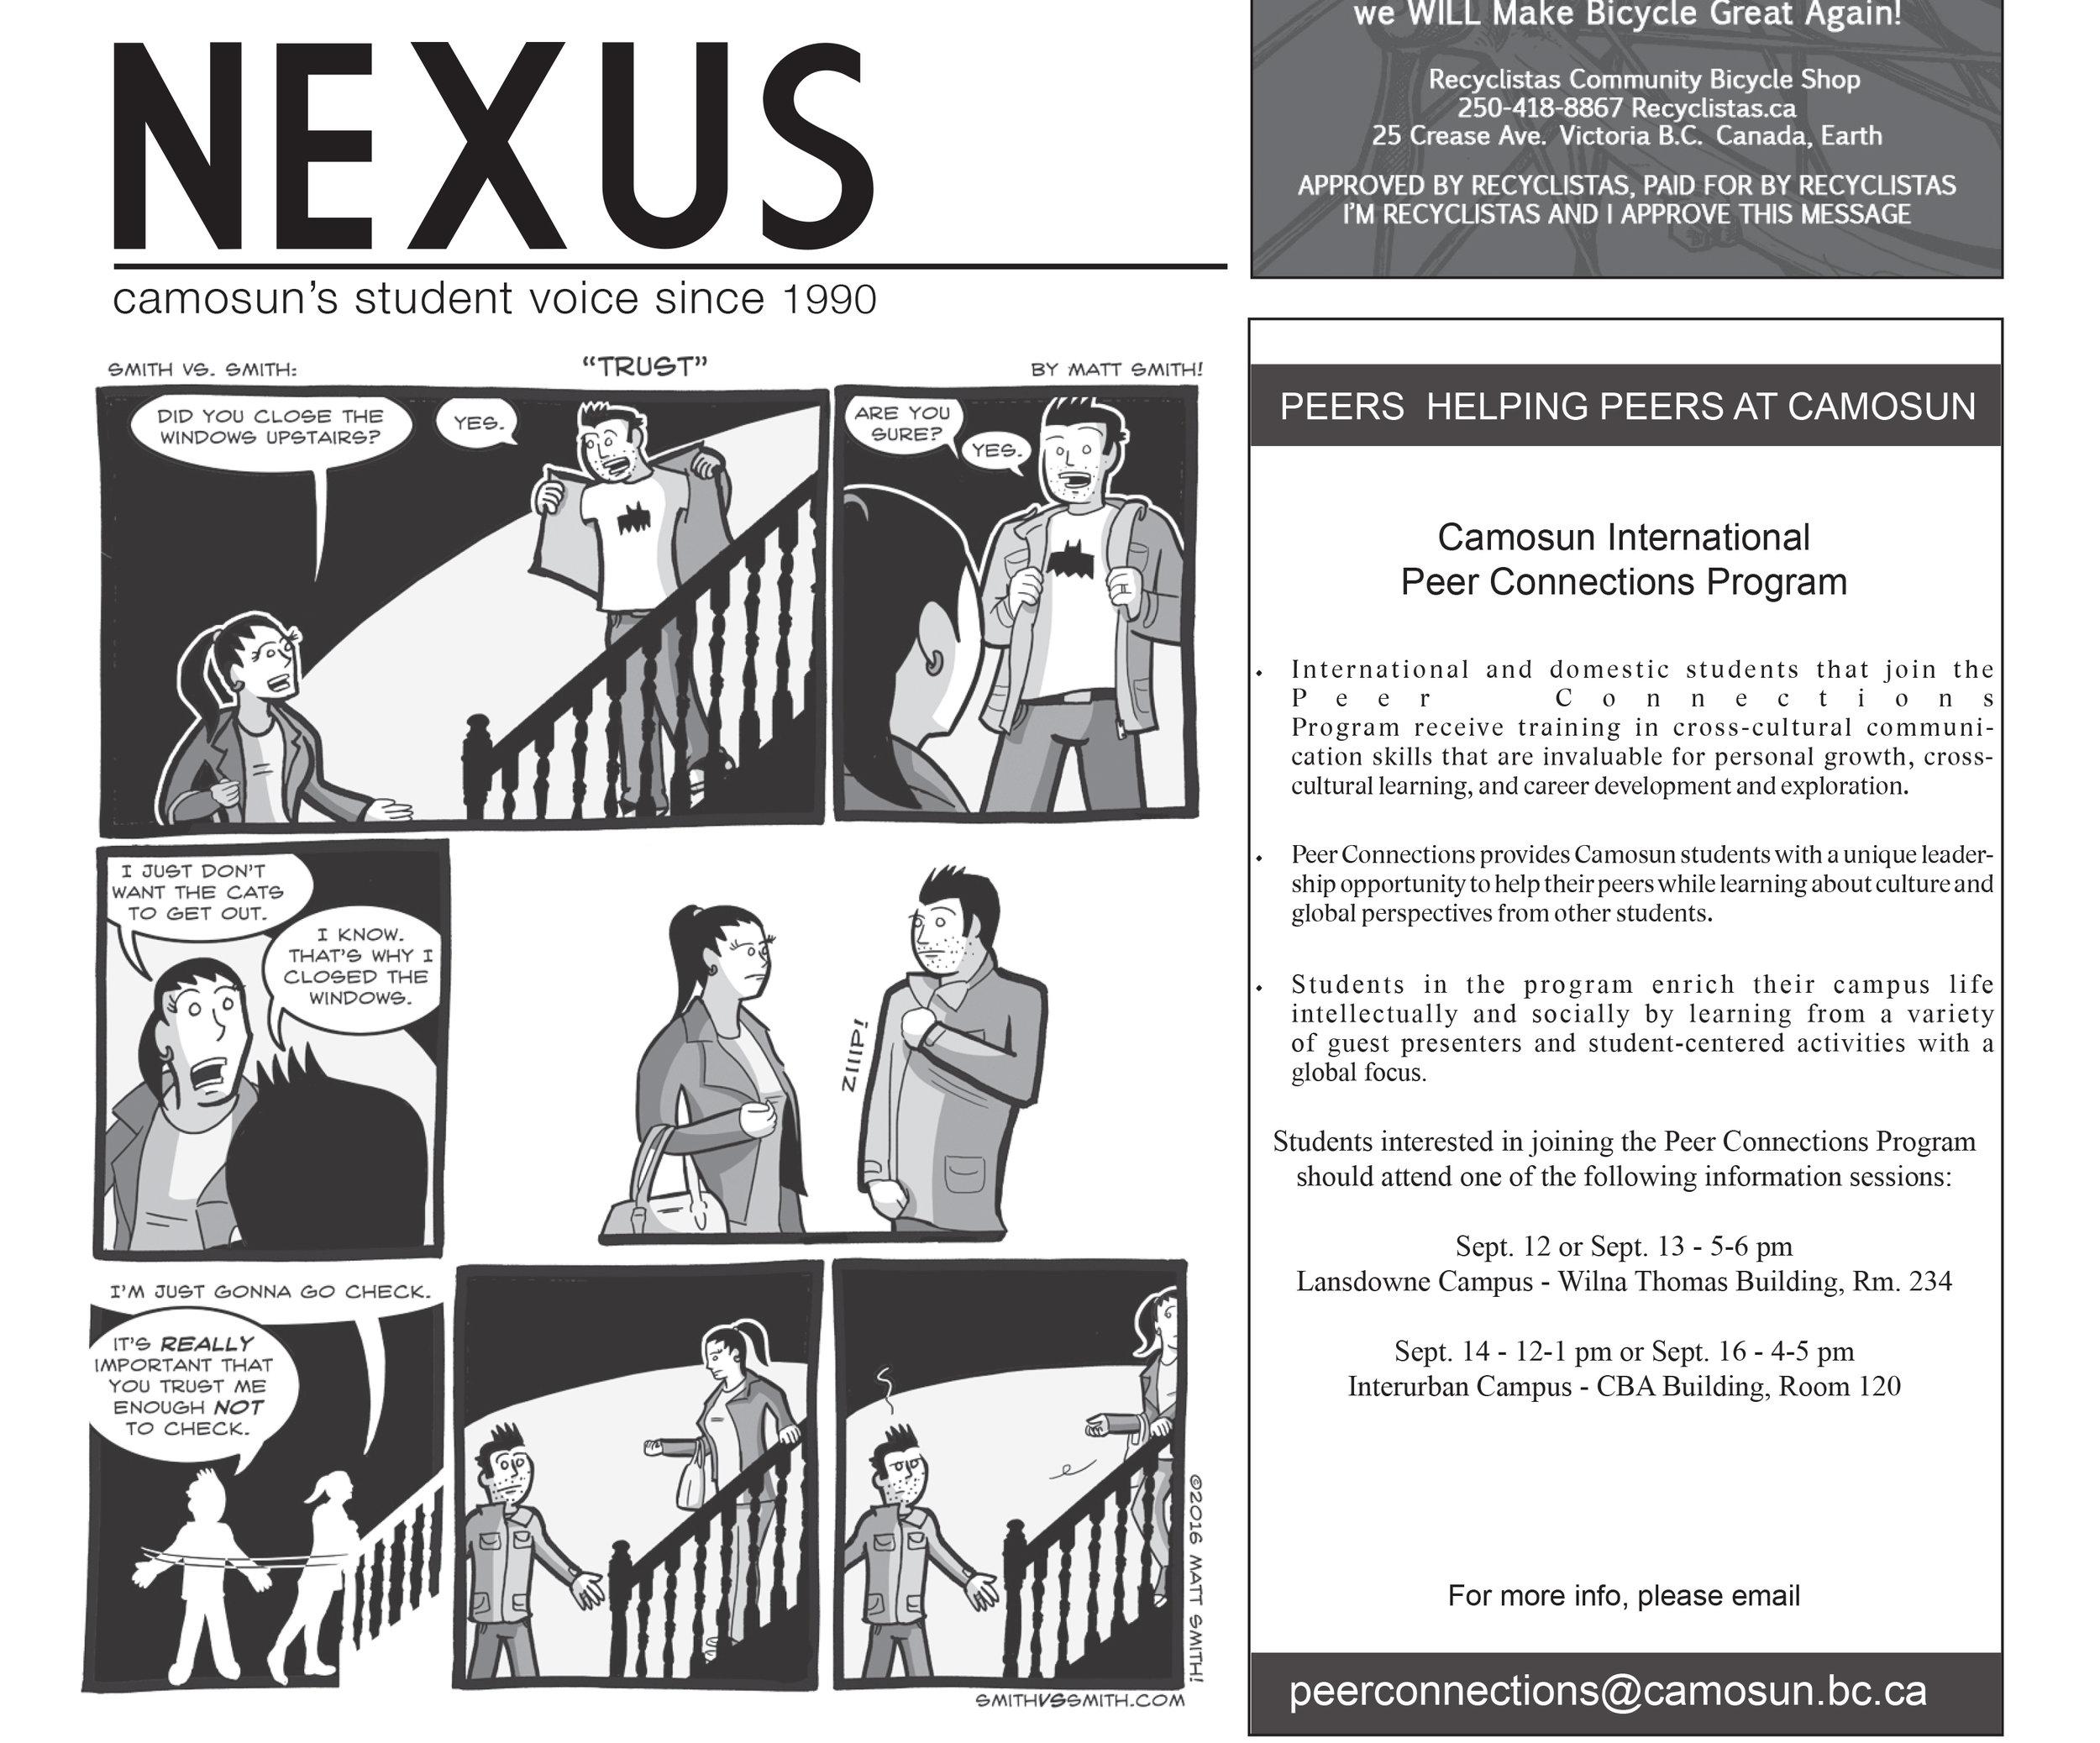 Comics in Nexus Newspaper